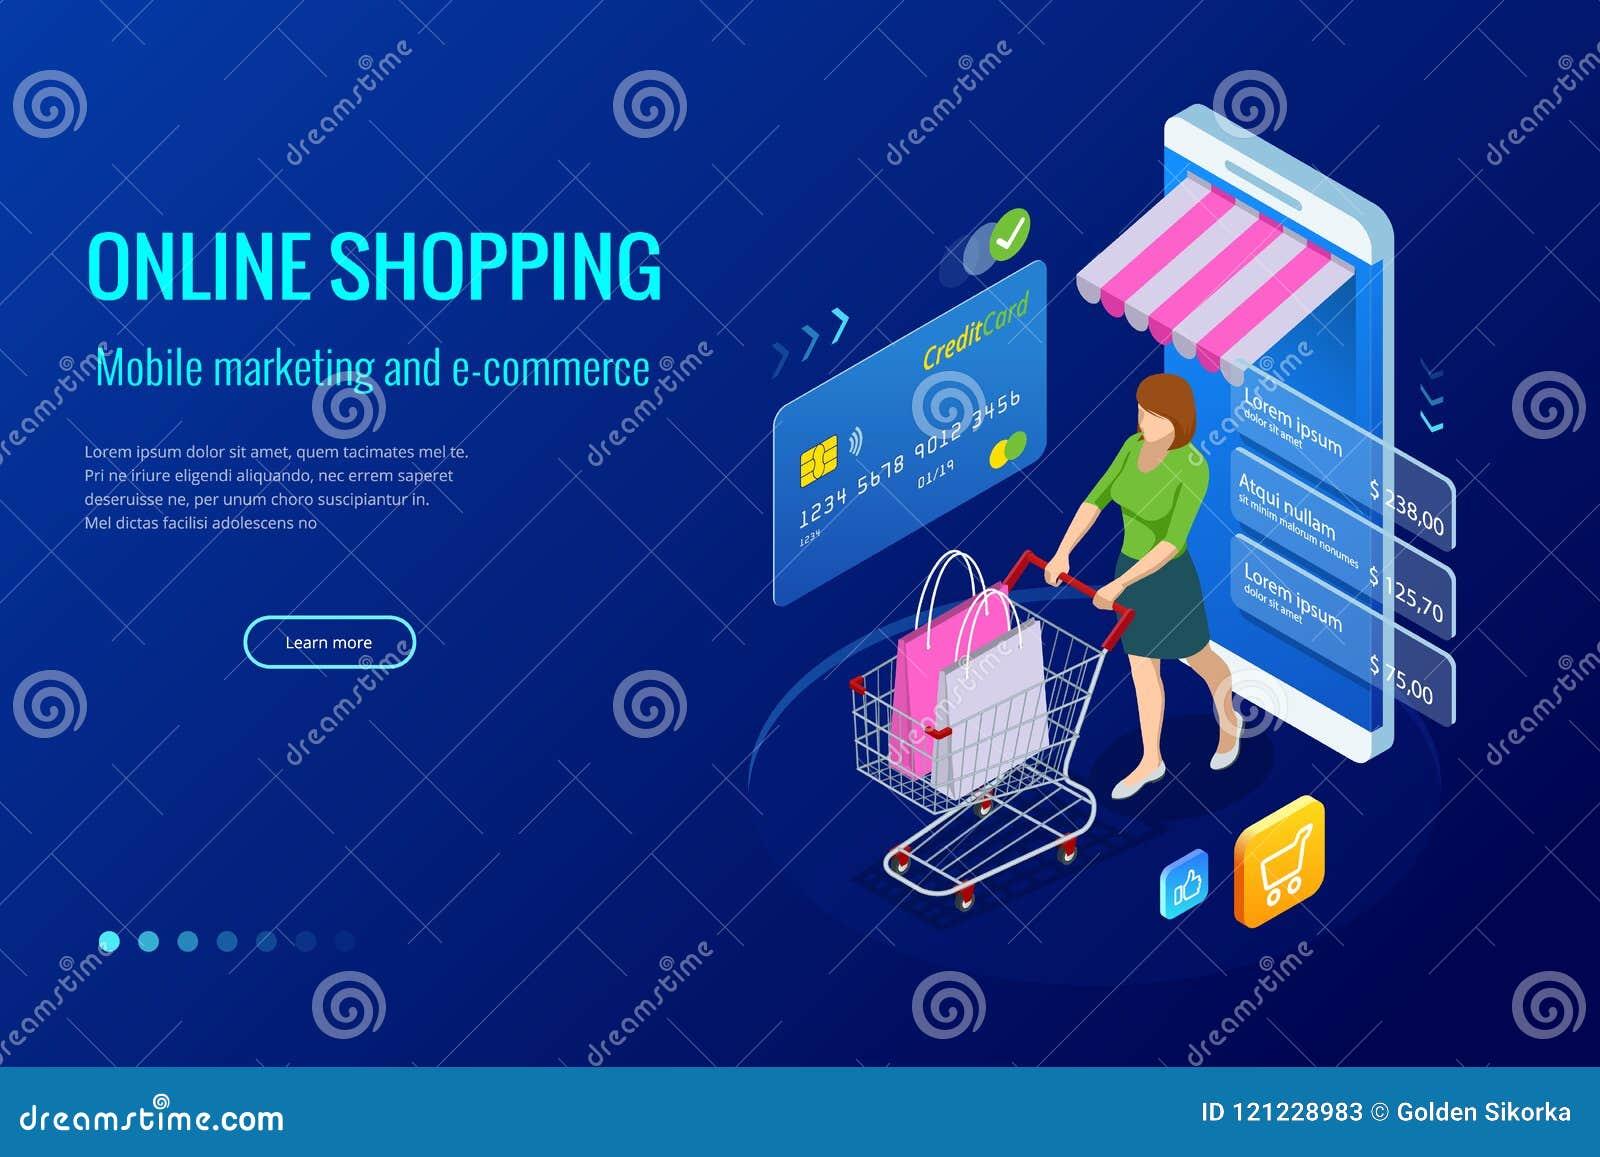 2e906d9fb90d58 On-line-Konzept des isometrischen intelligenten Smartphone Einkaufs  Smartphone machte zu Internet-Shop